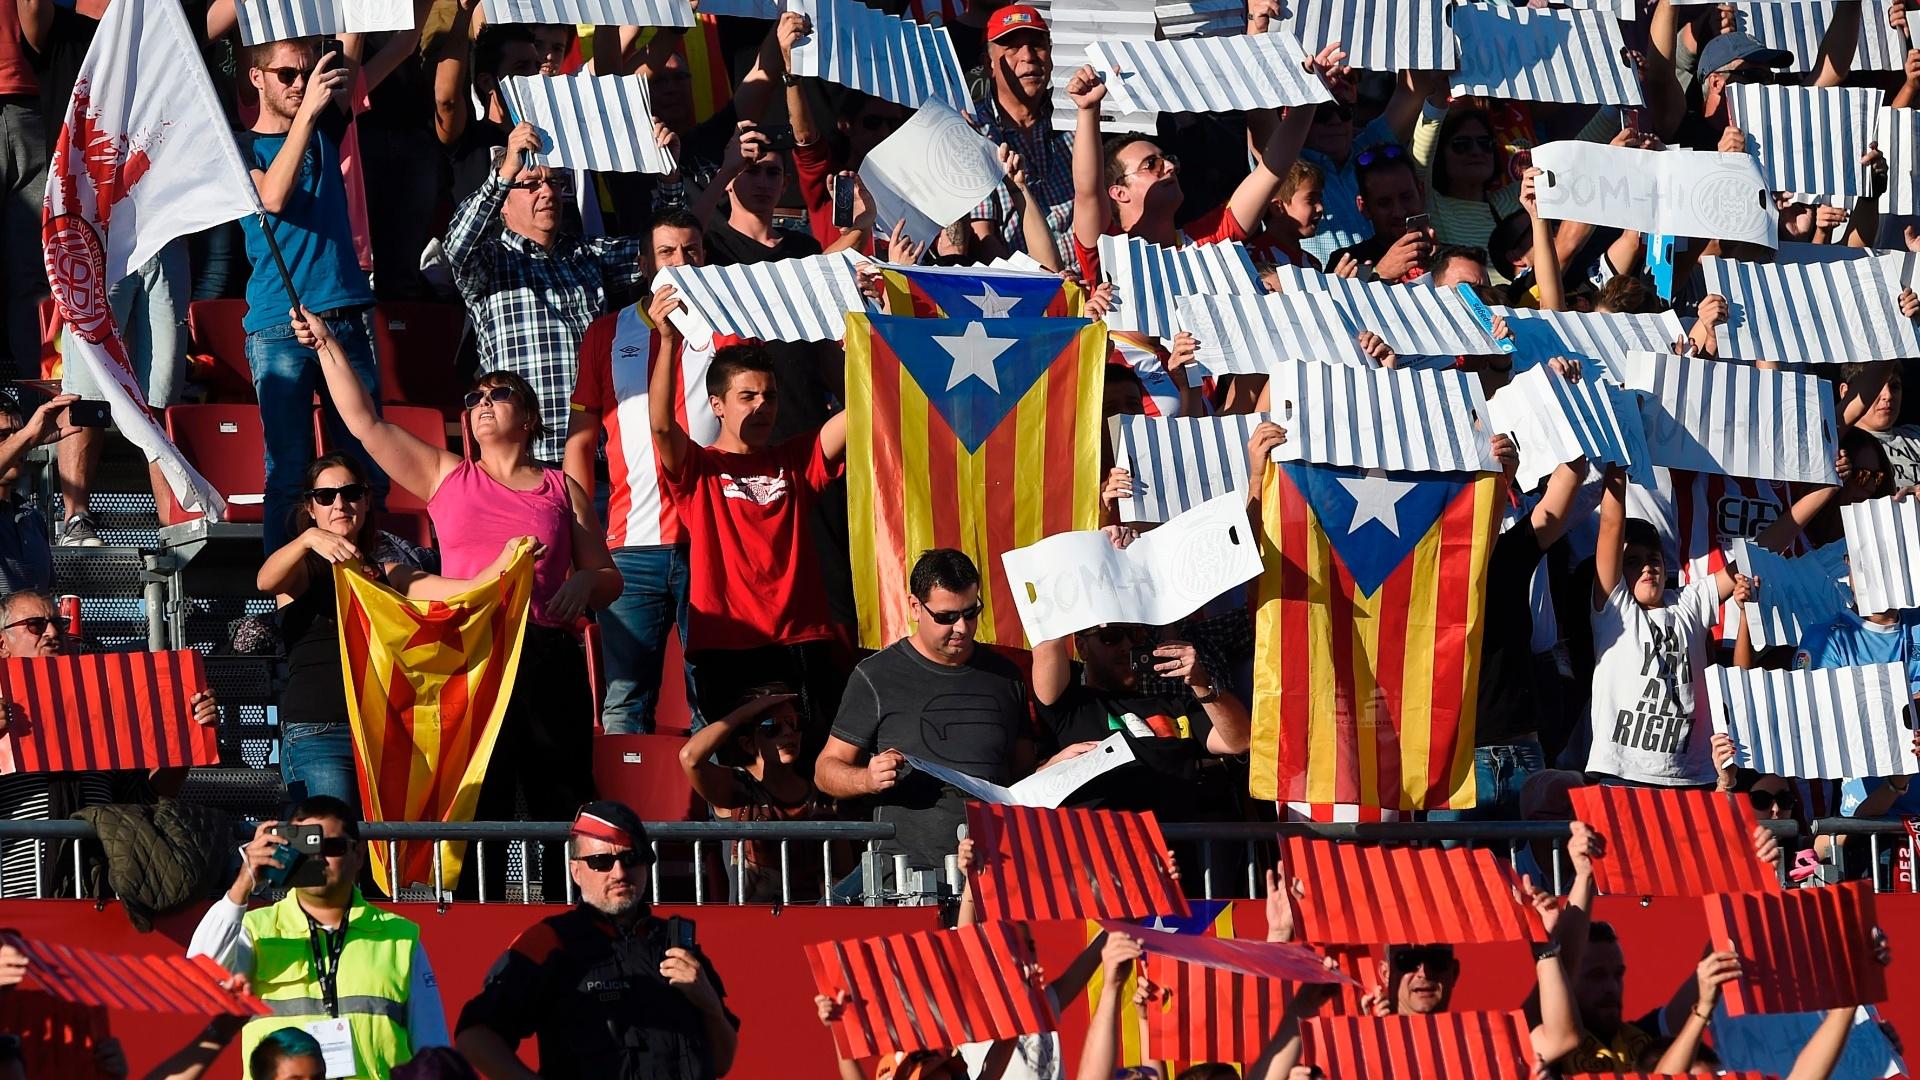 Torcedores mostram bandeiras da Catalunha durante o jogo entre Girona e Real